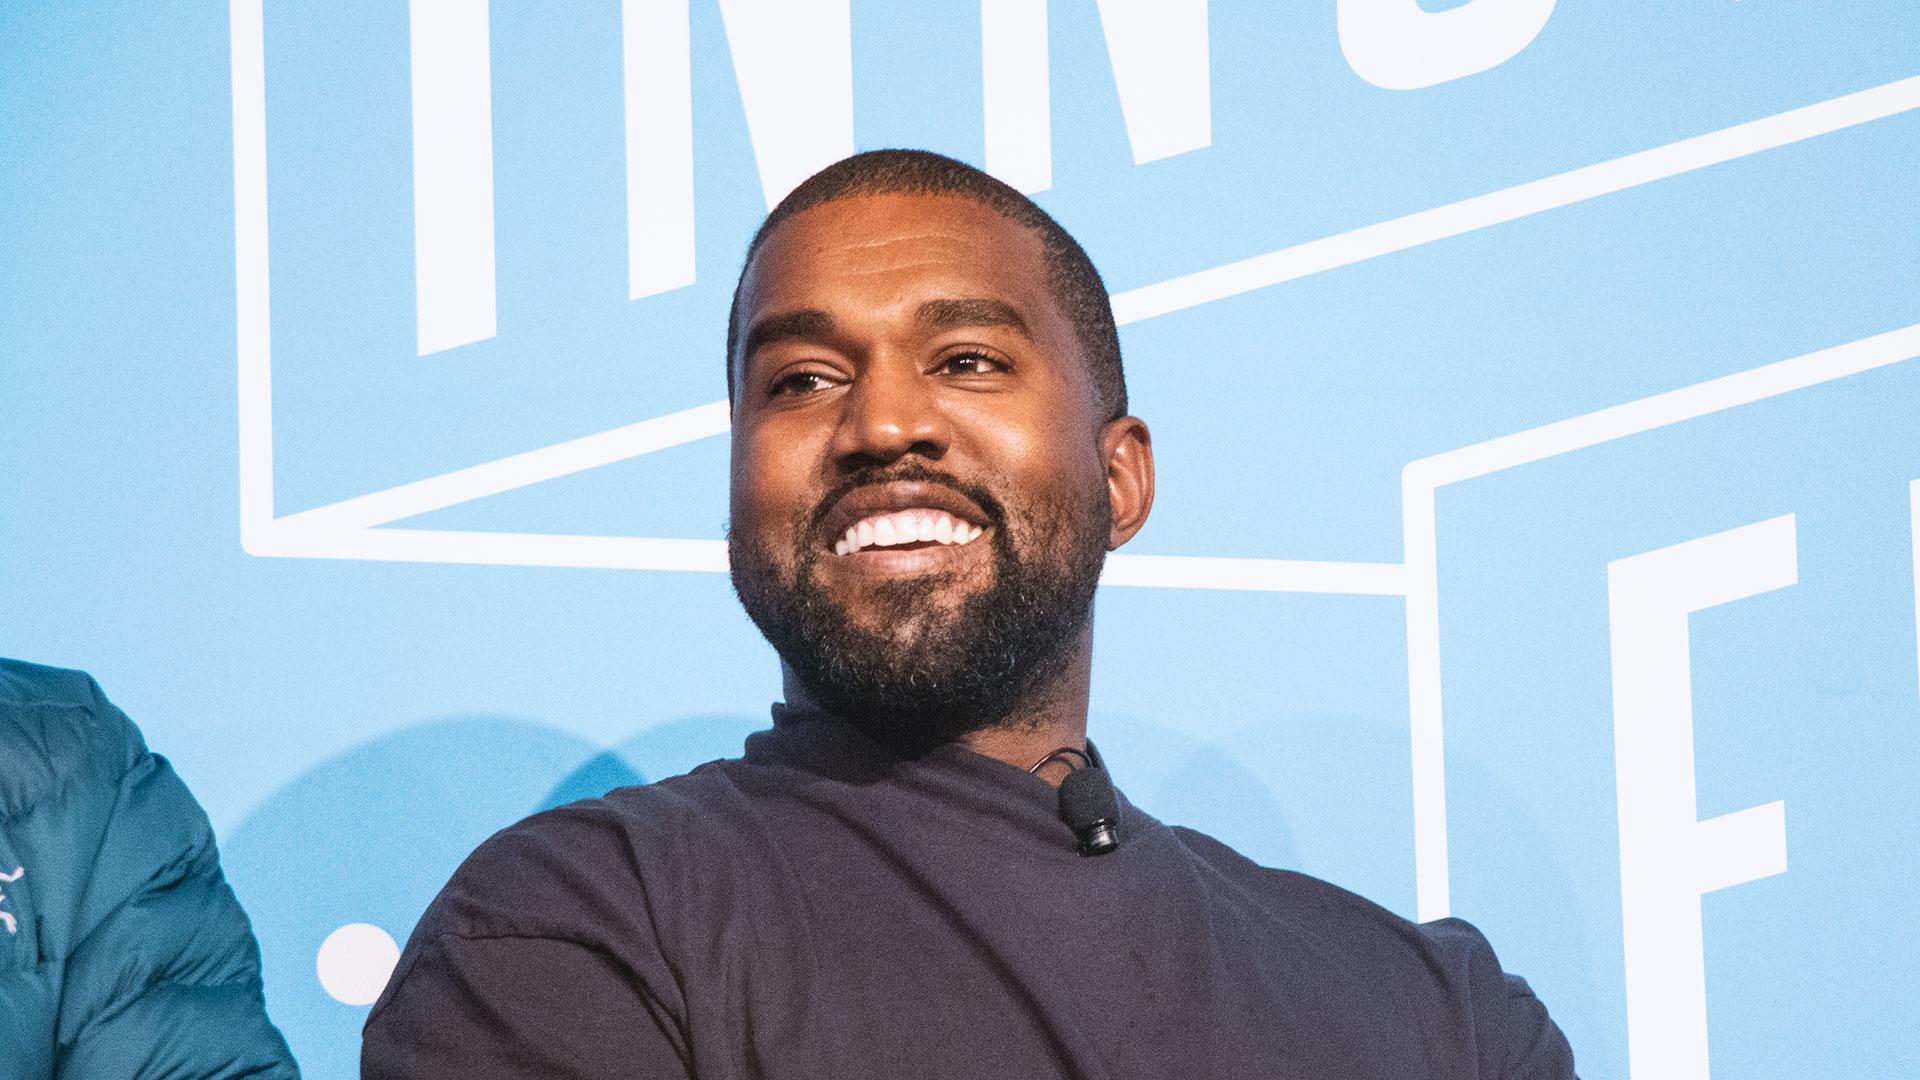 Kanye West registra finalmente su campaña a la Presidencia de EEUU ...